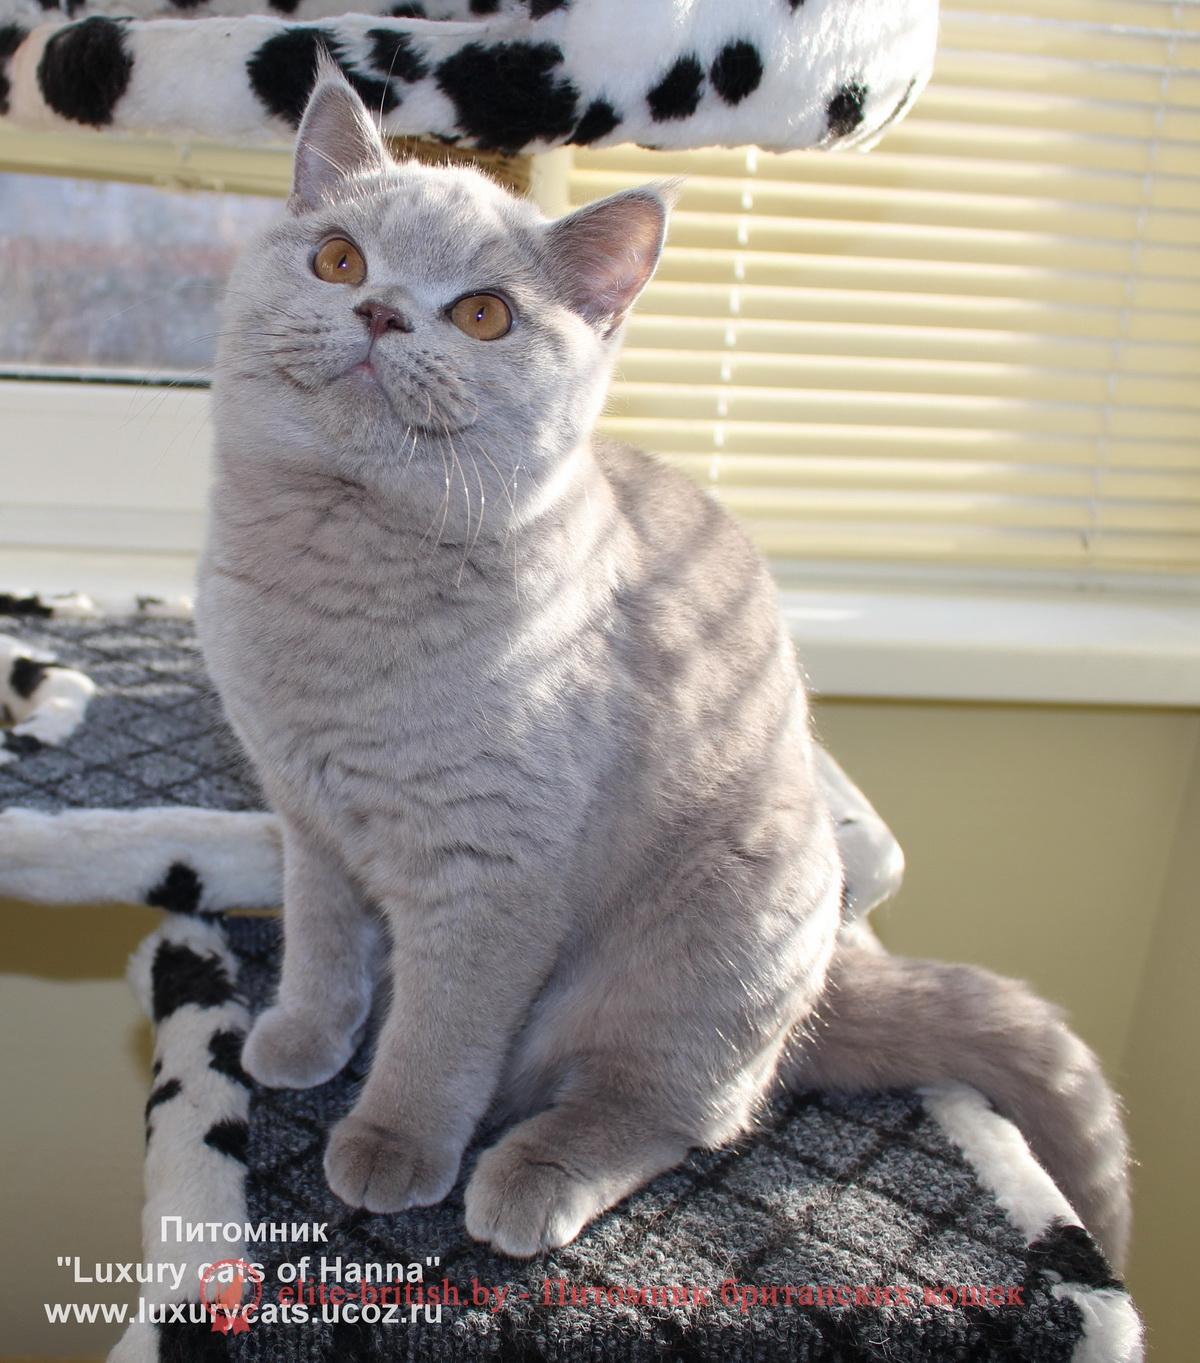 Британец лиловый, британский лиловый кот, кошка: фото лилового окраса. Фото лиловых британцев лиловый британец, фото лиловых британцев, британец лиловый фото, британский лиловый котенок, фото лиловых британских котят, британские котята фото лиловые, британские коты лилового окраса фото, британская кошка фото лиловая, фото лиловой британской кошки, британские котята лилового окраса фото, лиловая британская кошка, британские котята лилового окраса, британский лиловый кот фото, лиловый британский кот, лиловый окрас британских кошек фото, кот британец лиловый фото, британец лилового цвета, лиловый окрас британских кошек, британцы лилового окраса, британец лилового окраса фото, лиловый цвет британских кошек, британские котята лилового цвета, лиловый цвет британских кошек, британские котята лилового цвета, британская короткошерстная кошка лиловая, котята британцы лиловые фото, лиловые британцы котята, британцы коты лиловые, британский кот лилового окраса, британская кошка лилового окраса фото, британские котята лилового окраса фото, британцы лилового окраса фото, британский кот лилового окраса фото